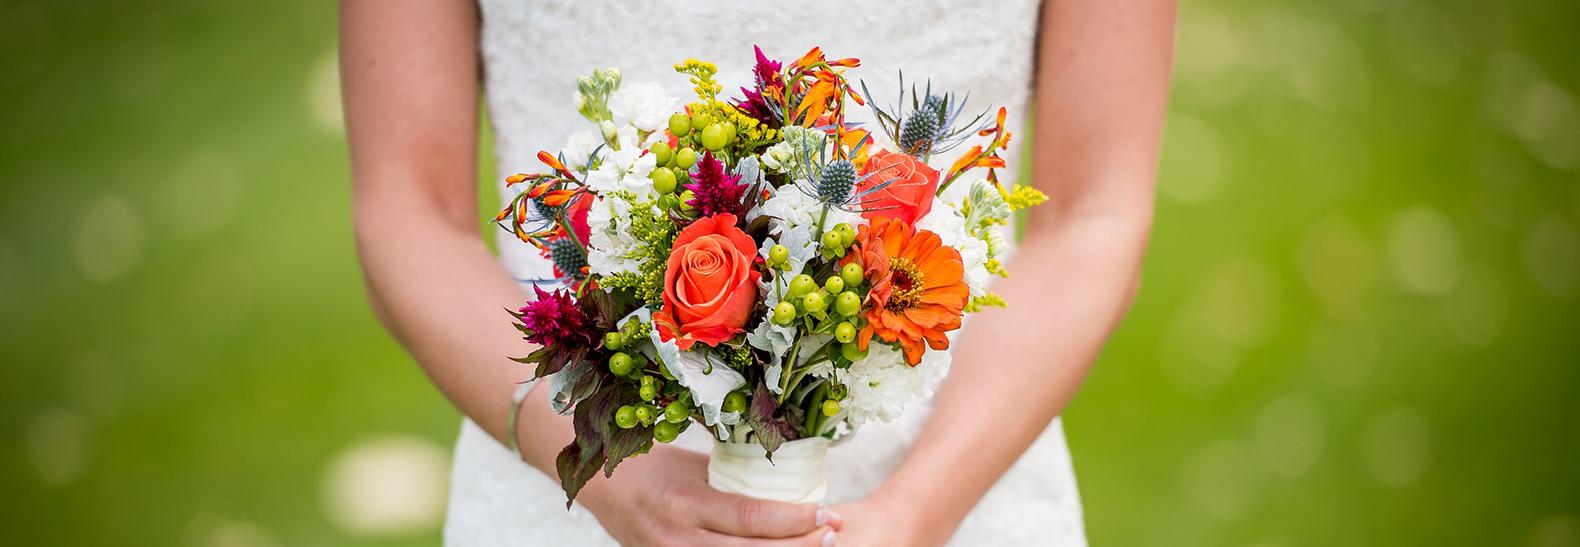 Bouquet Sposa Quali Fiori.Quale Bouquet Scegliere Per Il Proprio Matrimonio Abbazia Di Spineto